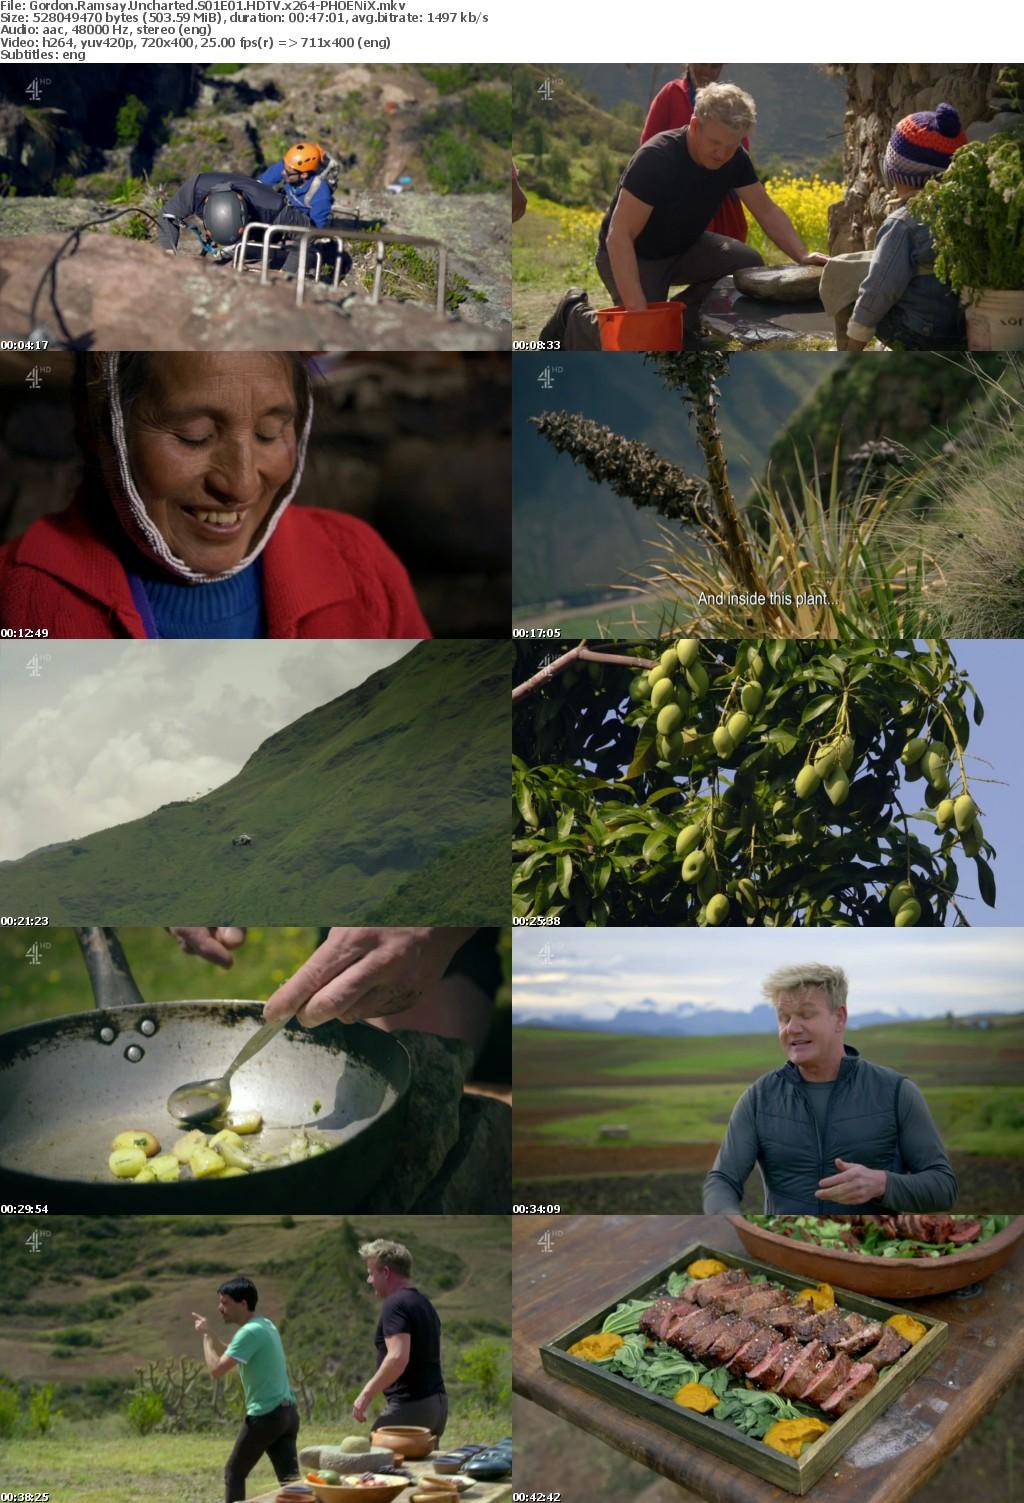 Gordon Ramsay Uncharted S01E01 HDTV x264-PHOENiX